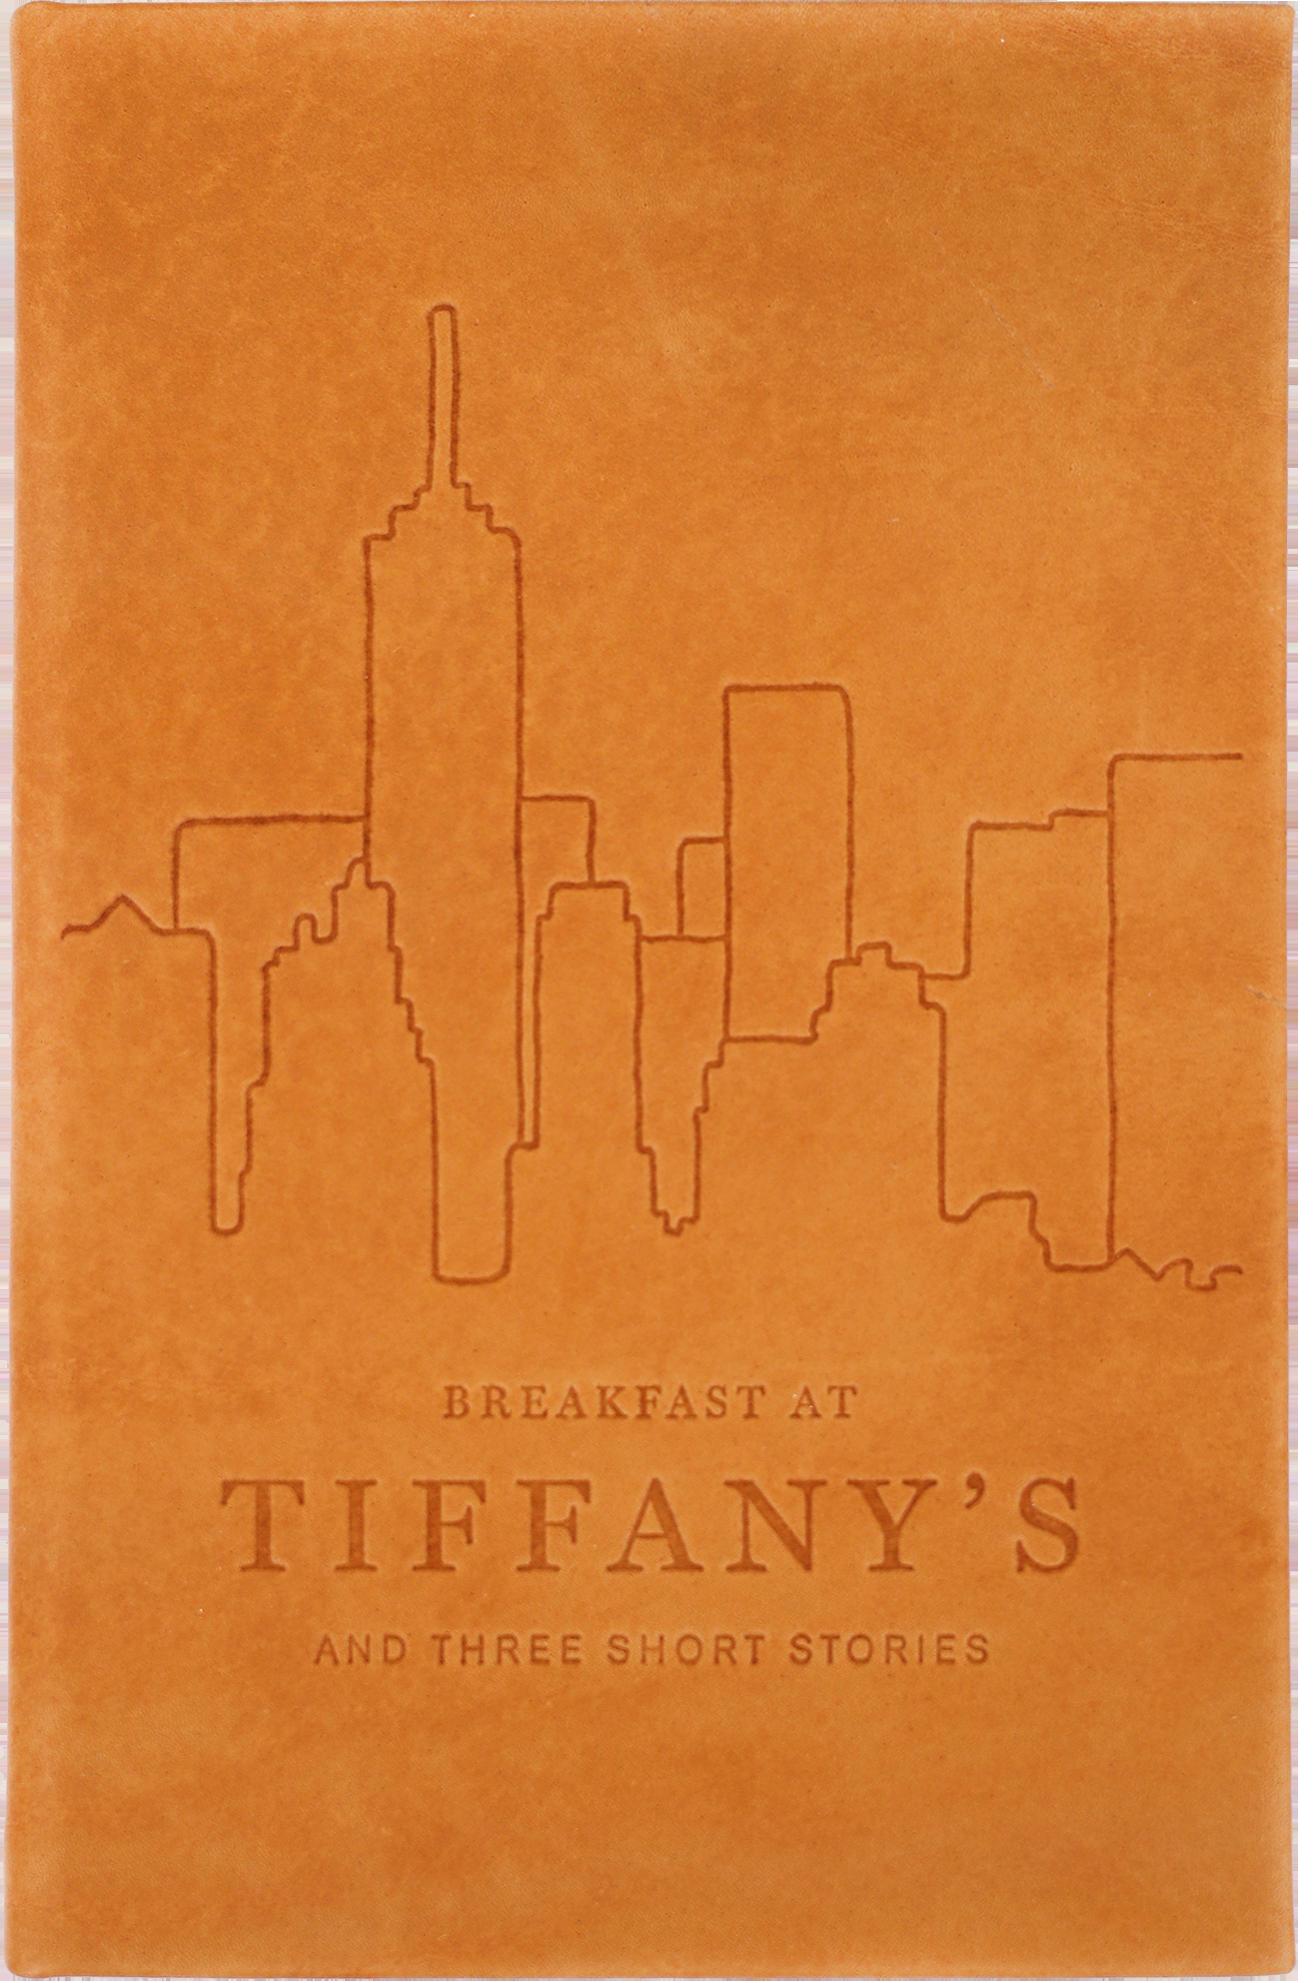 7. Breakfast at Tiffany's